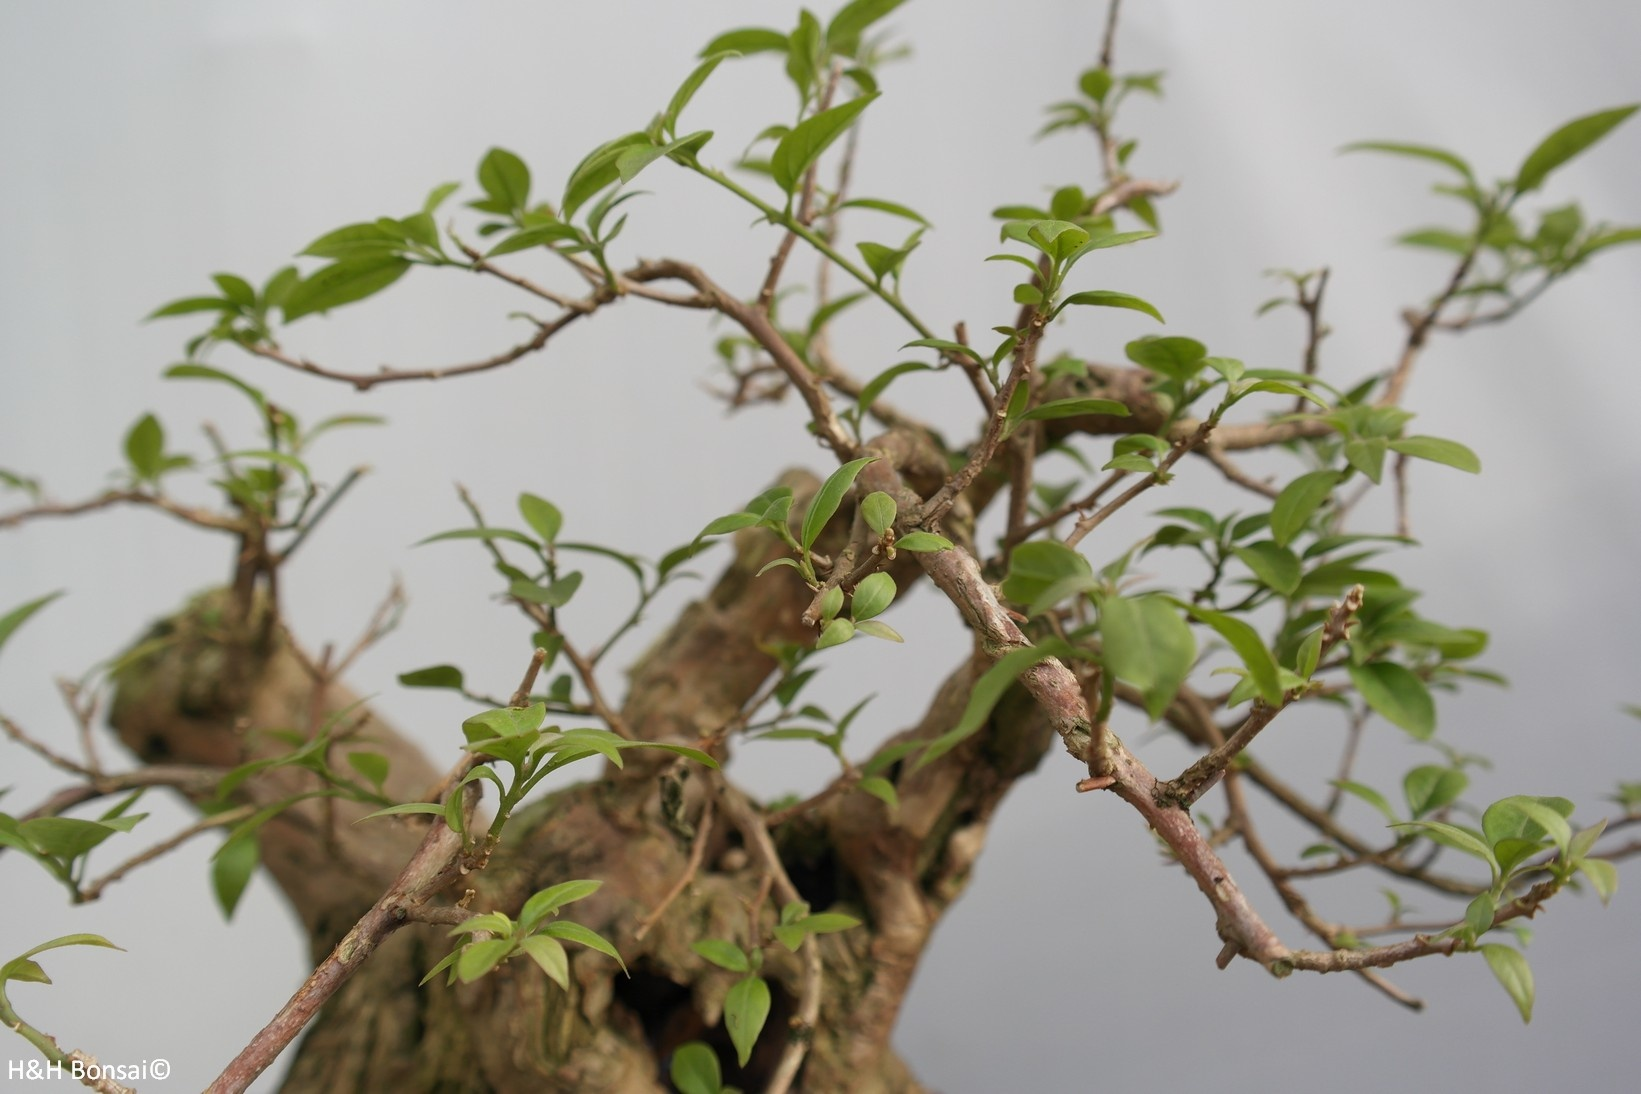 Bonsai Drillingsblume, Bougainvillea glabra, nr. 7816